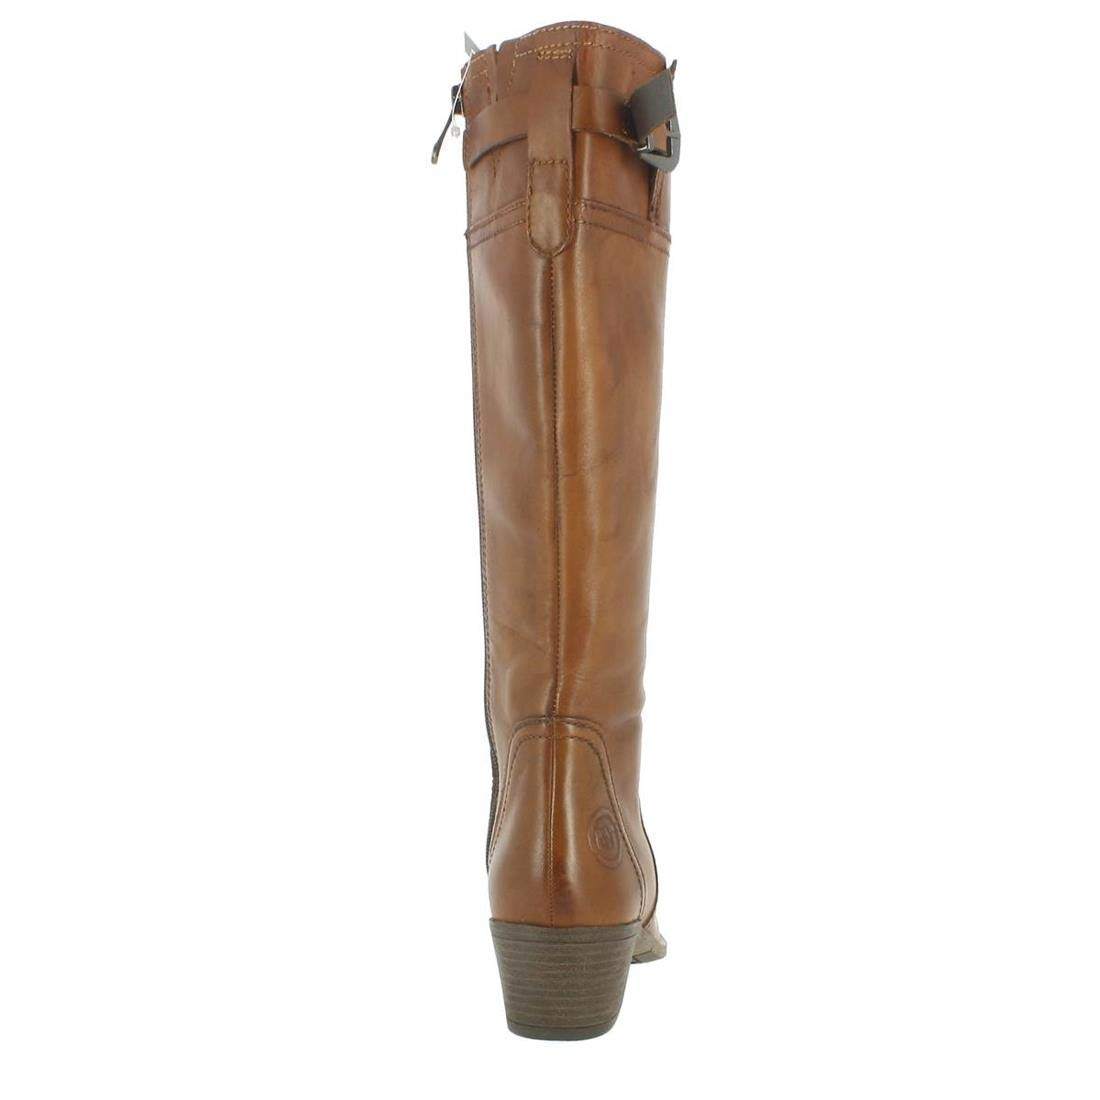 MARCO TOZZI Damen Stiefel Woms Stiefel Stiefel Stiefel 2-2-25500-21 340 340 braun 523290 ce212d